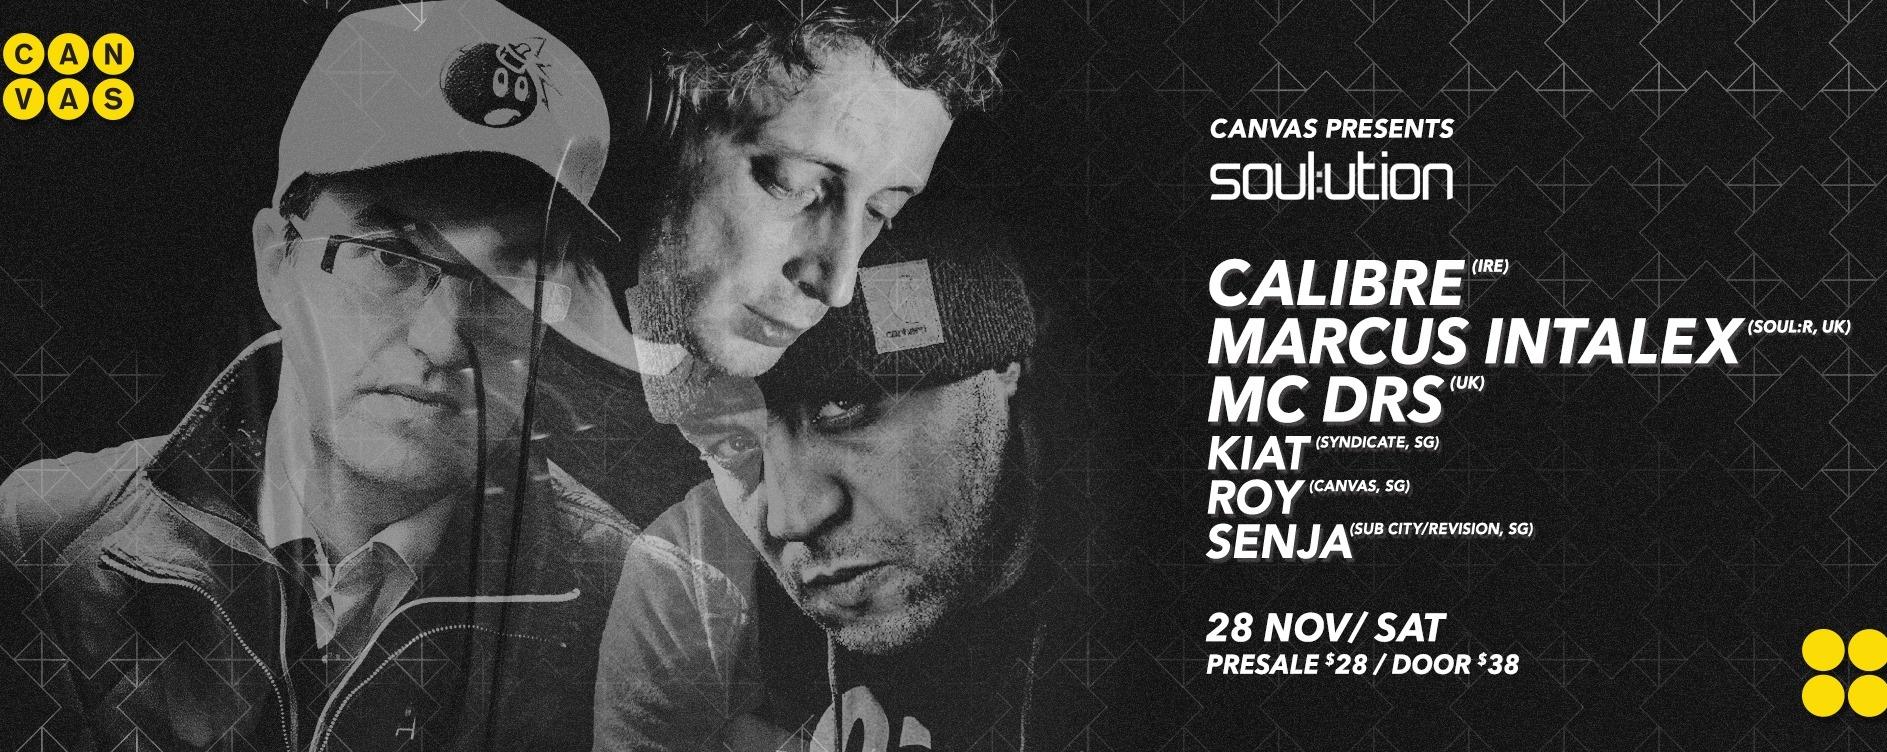 soul:ution ft. Calibre, Marcus Intalex & MC DRS